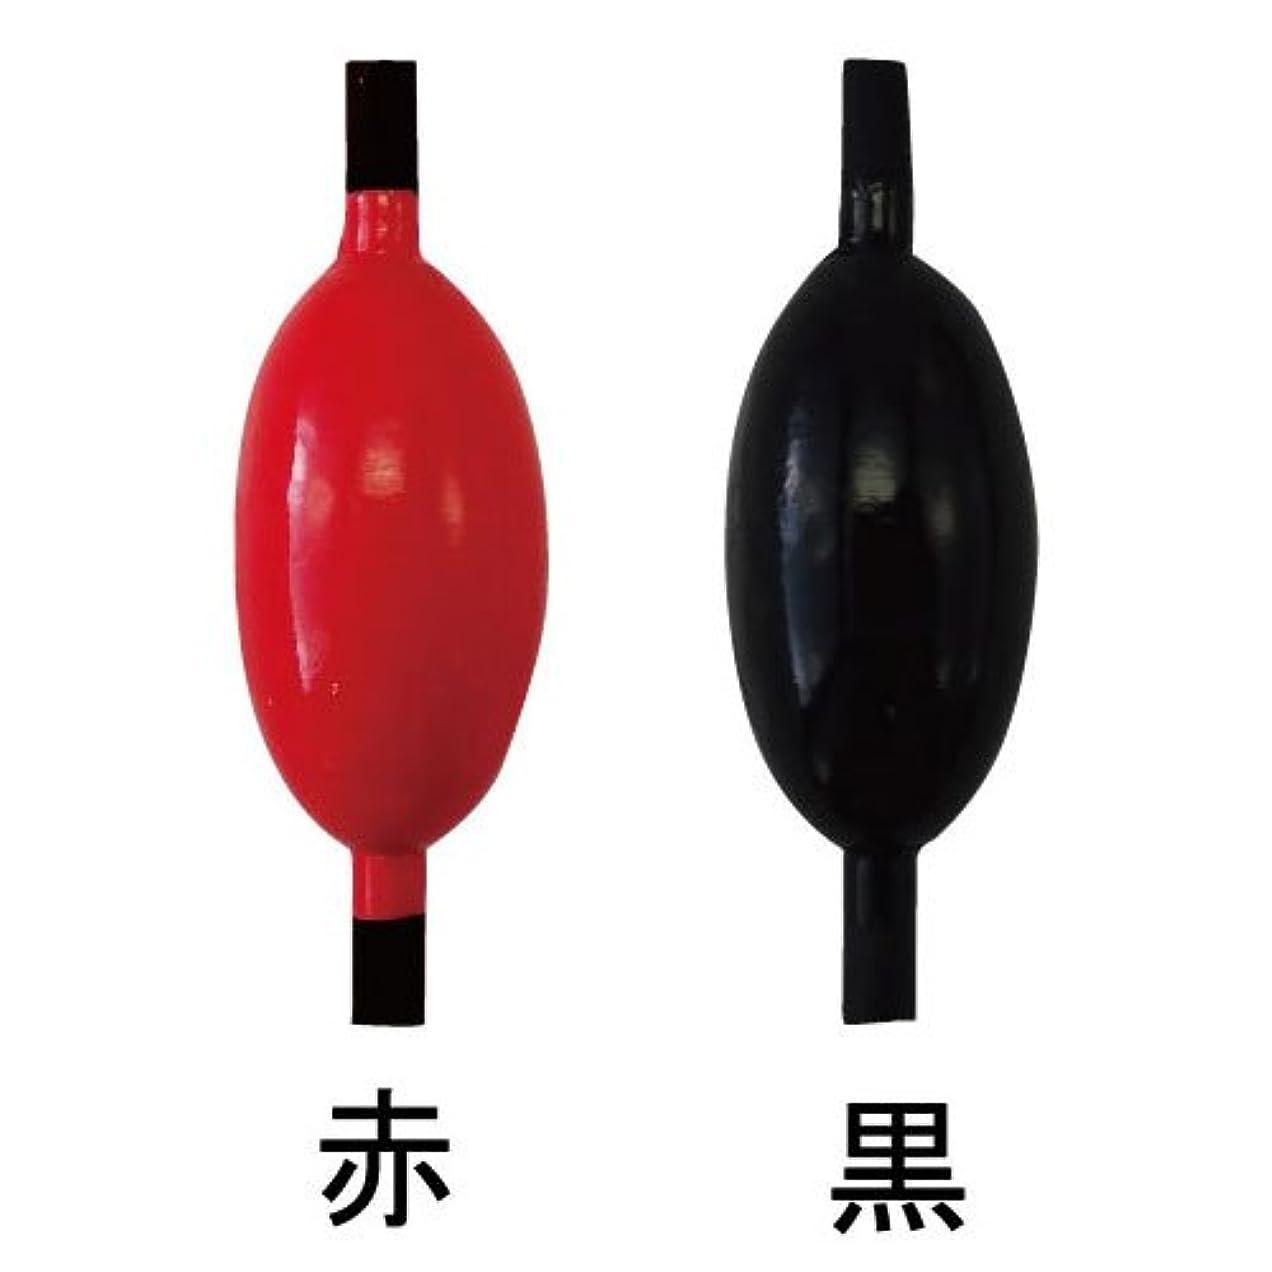 クロニクル耕す雲パイプシンカー 1.5 黒 フジワラ